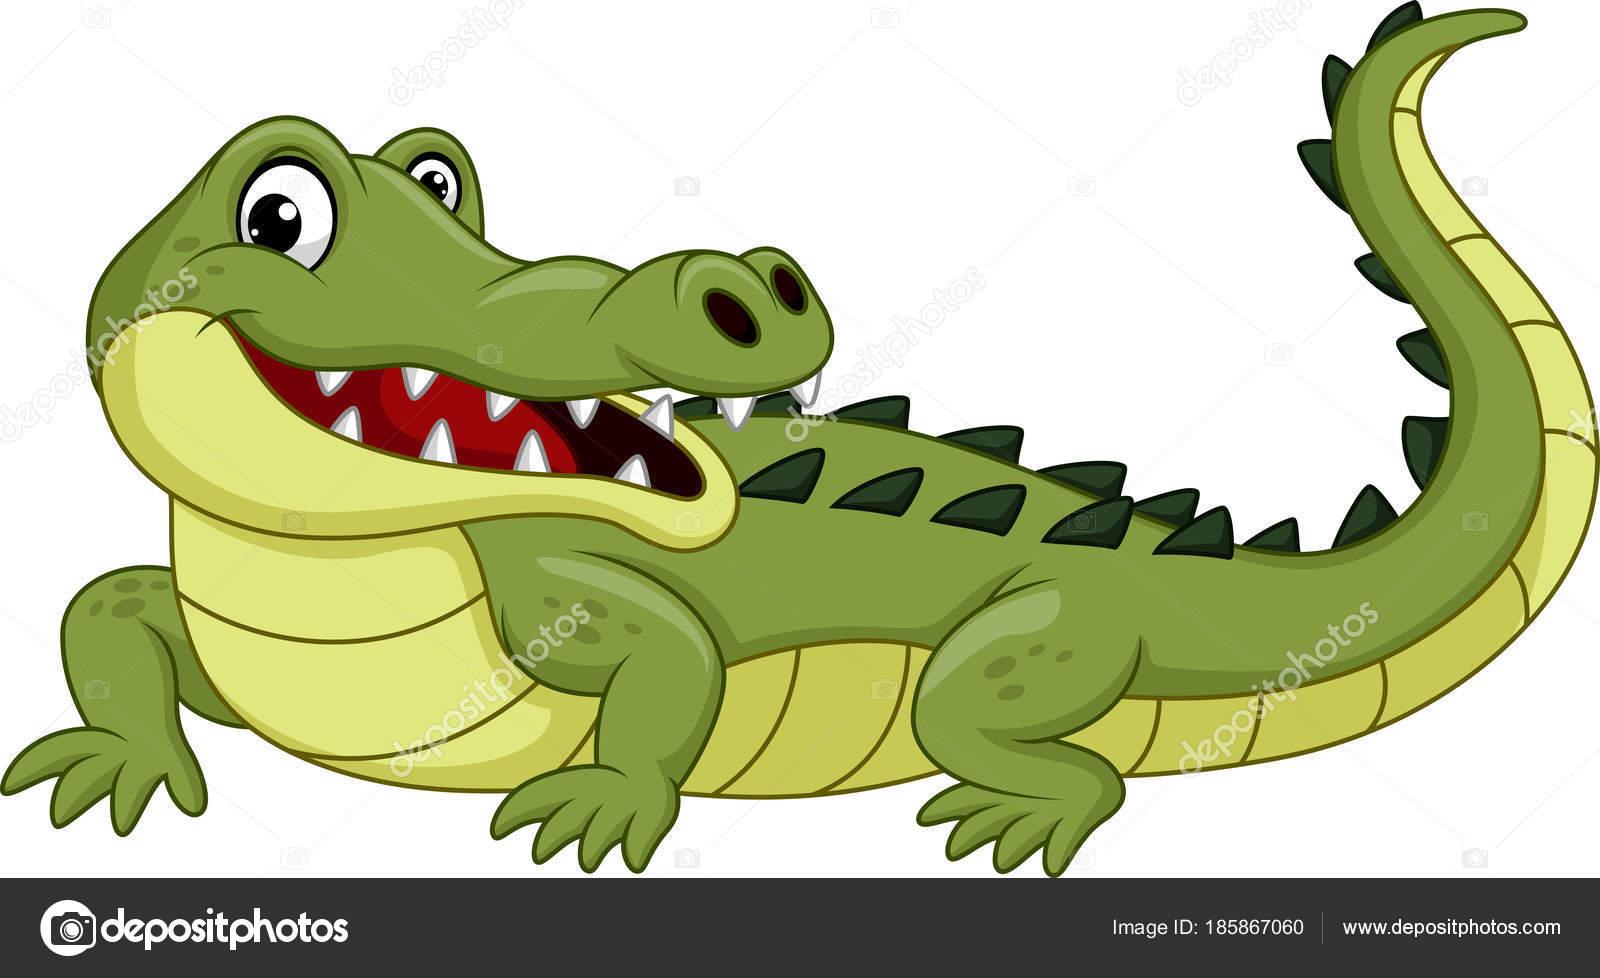 Crocodile dessin anim isol sur fond blanc image - Image crocodile dessin ...